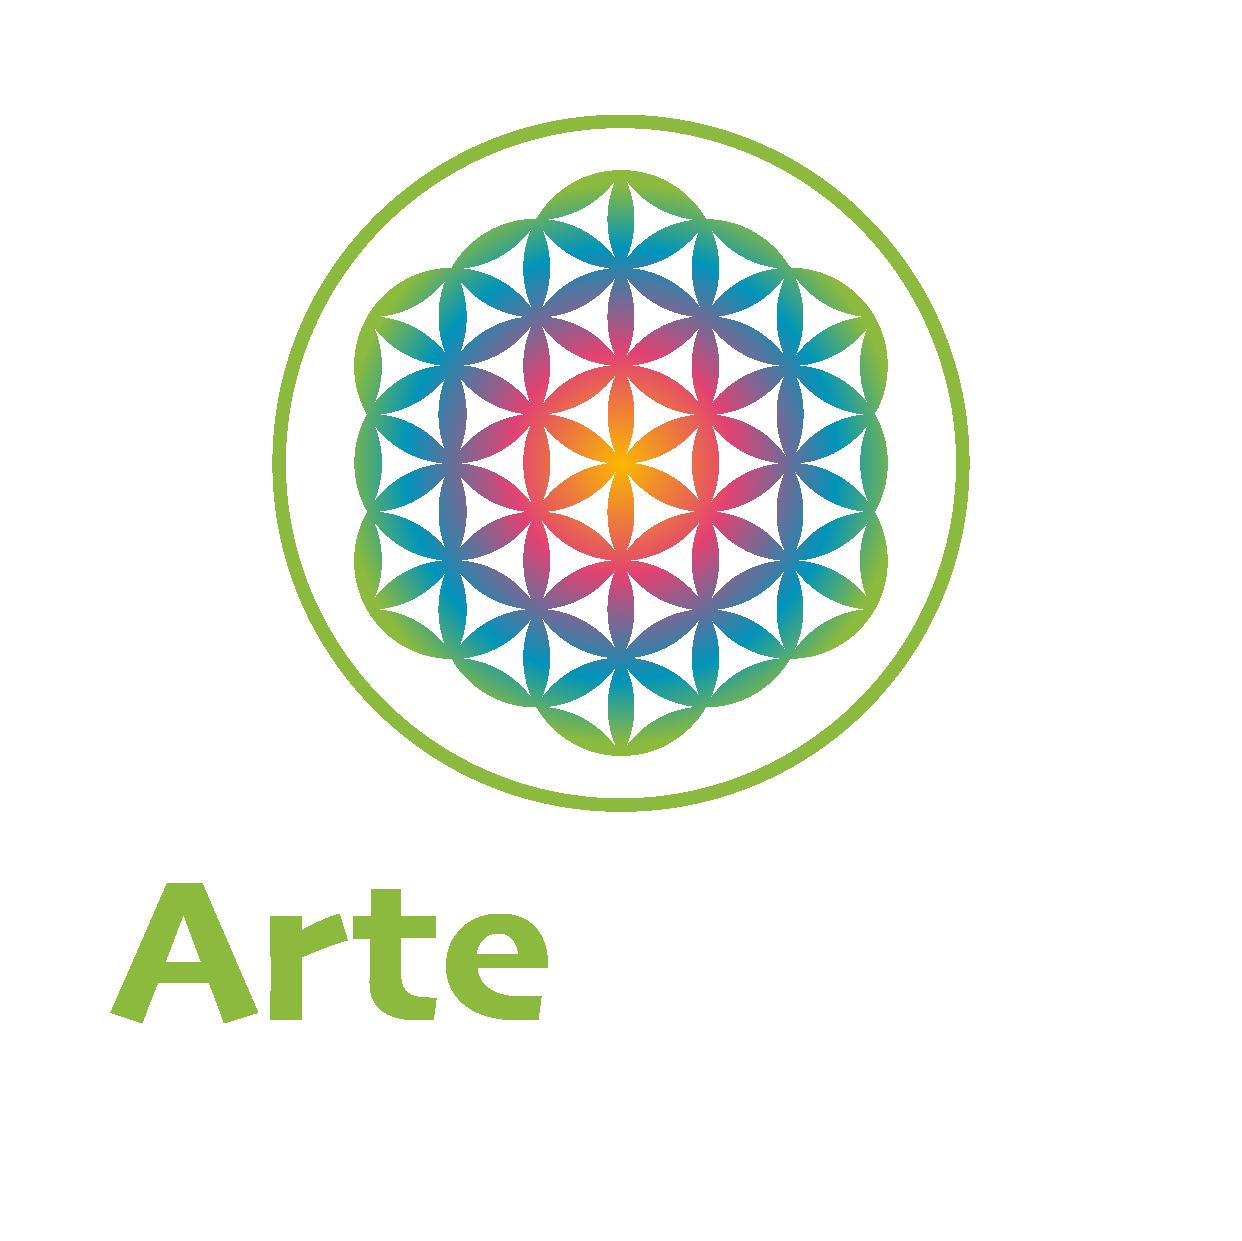 Arte Misia - Verein für Natur, MenschSein und naturbezogene Kunst e.V. - Brand